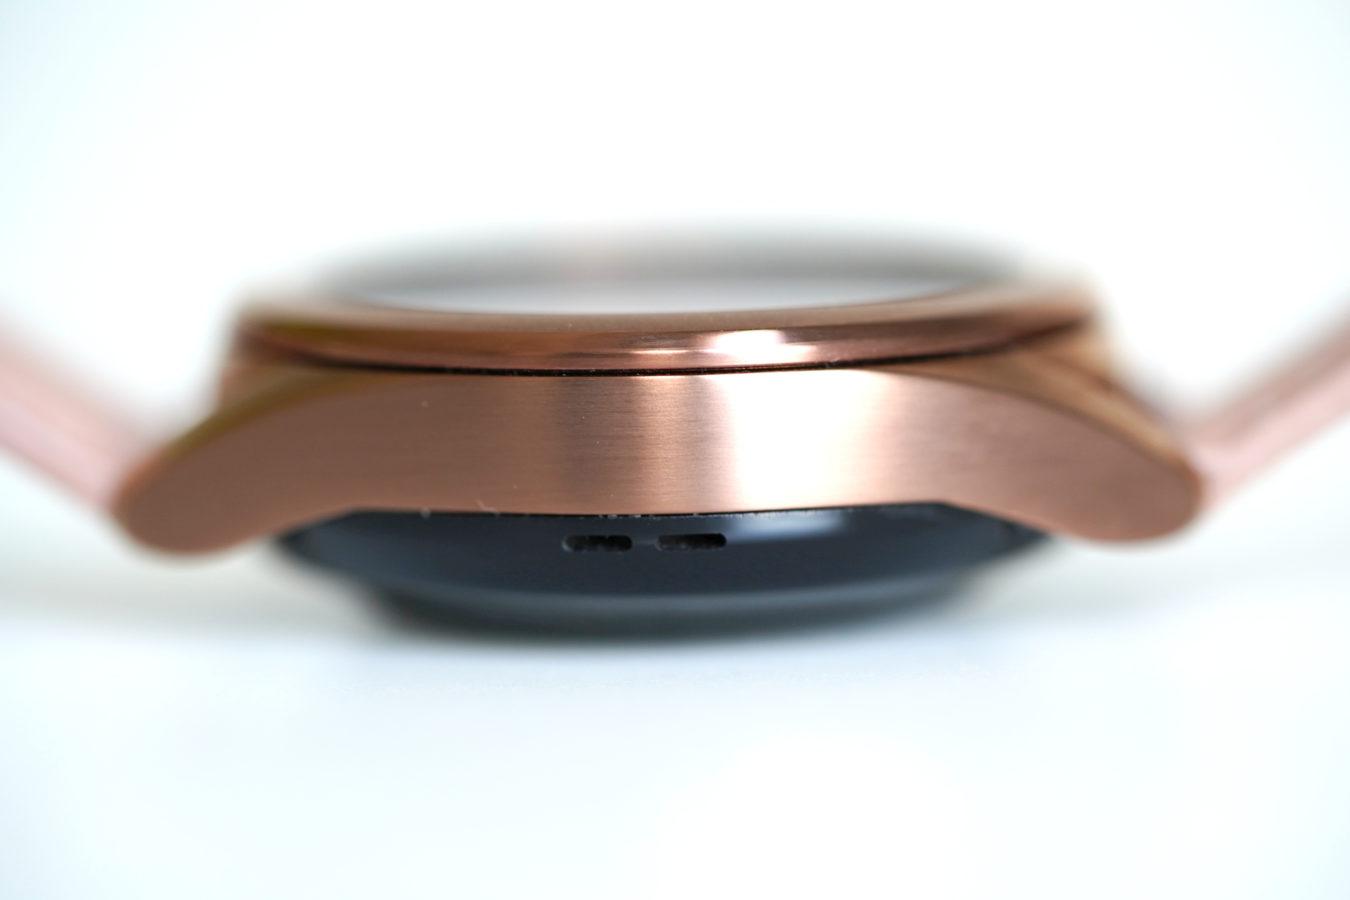 Chciałabym, żeby działał dłużej - taki jest fajny. Recenzja Samsung Galaxy Watch 3 31 samsung galaxy watch 3